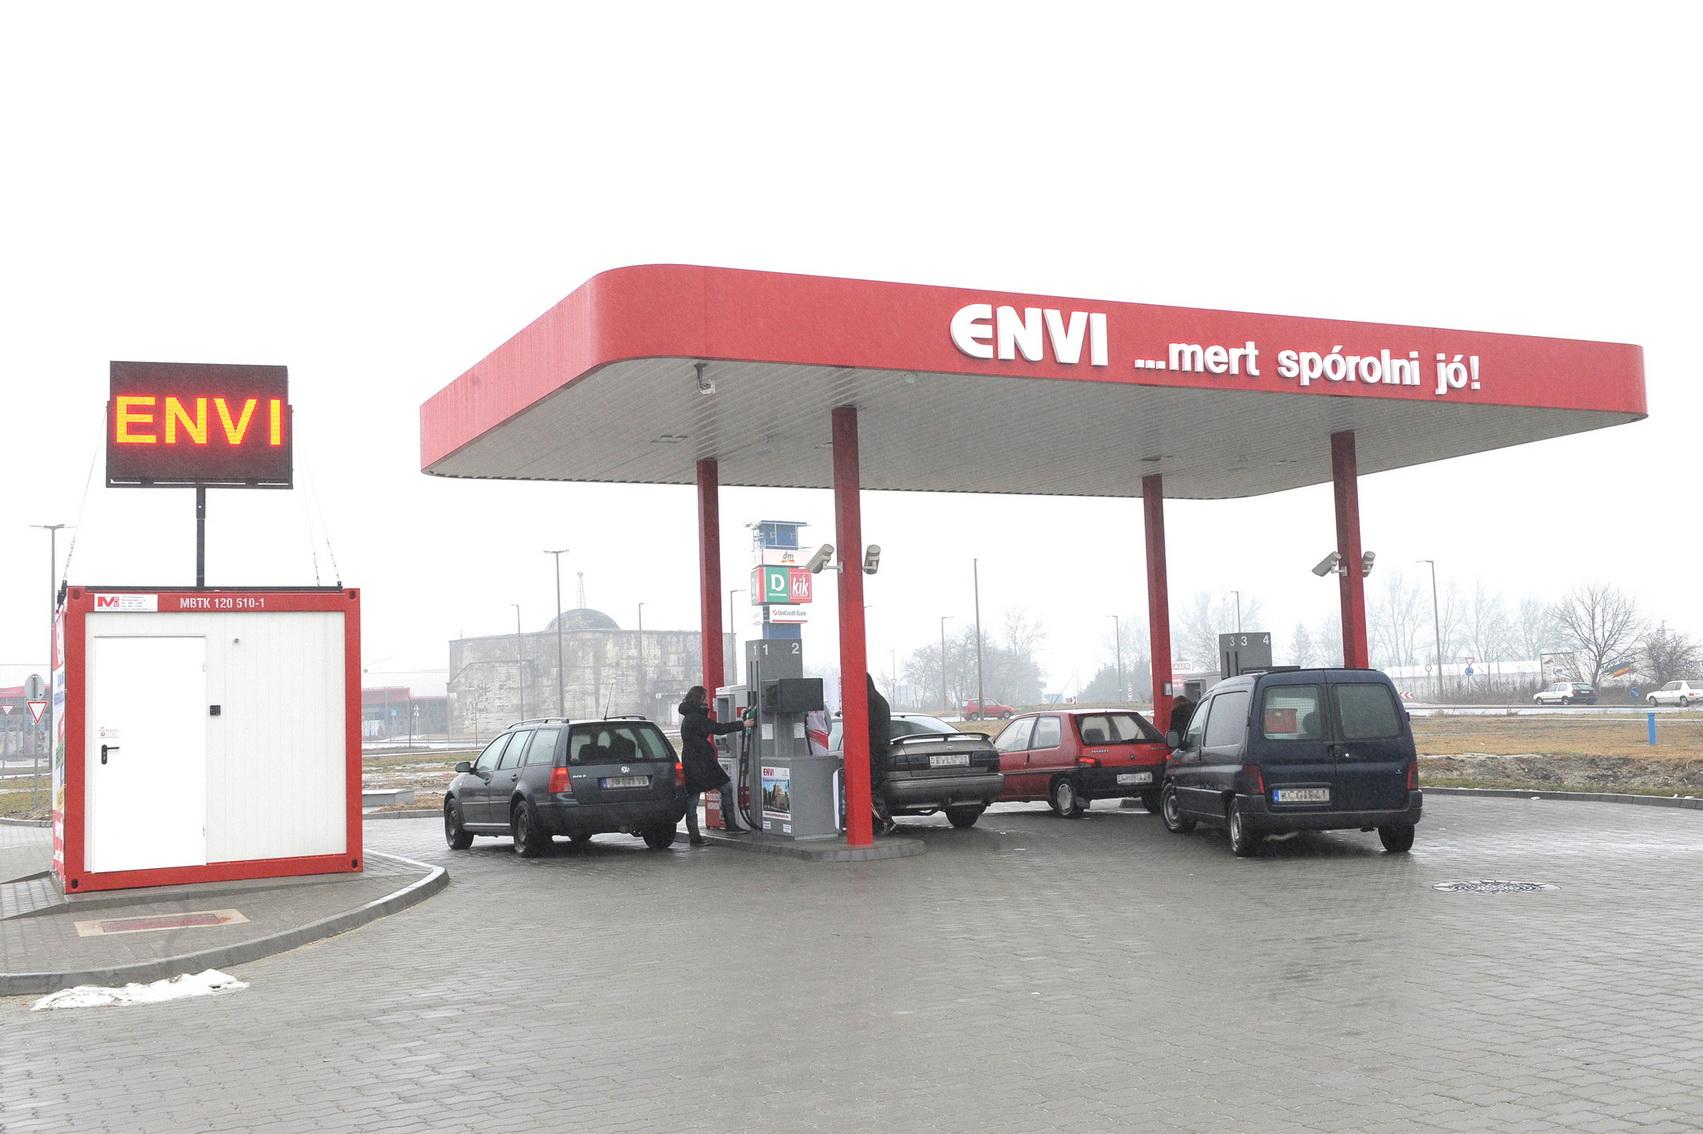 ENVI_01.jpg